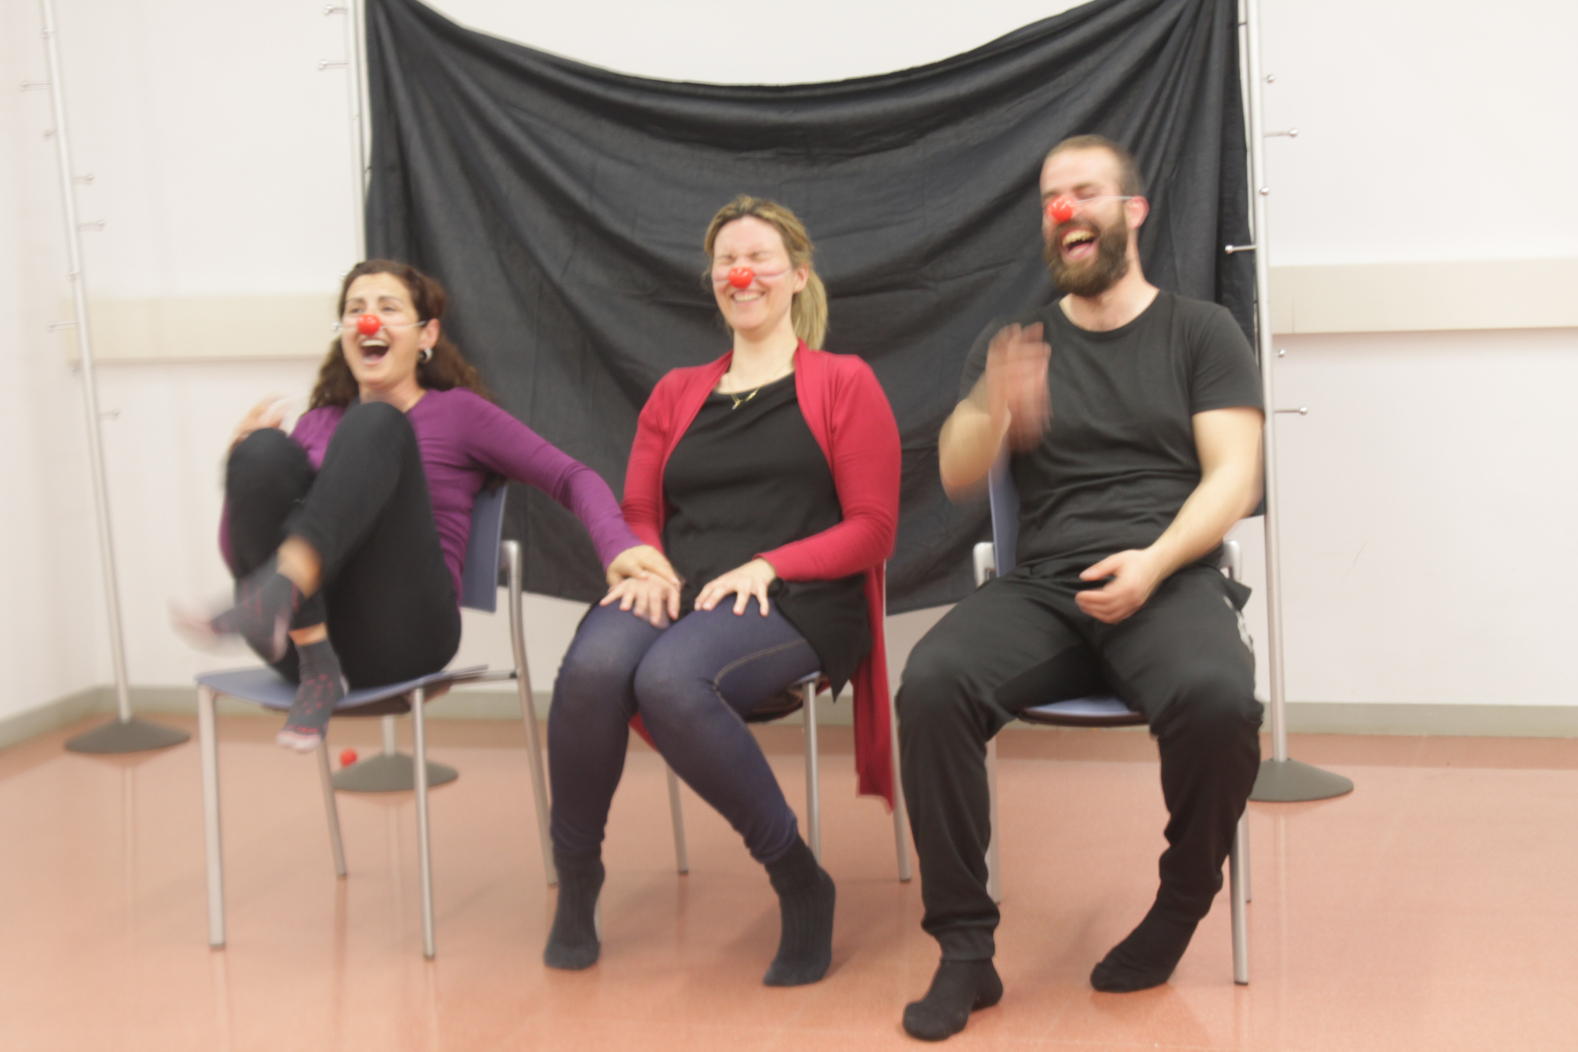 riure benestar salut